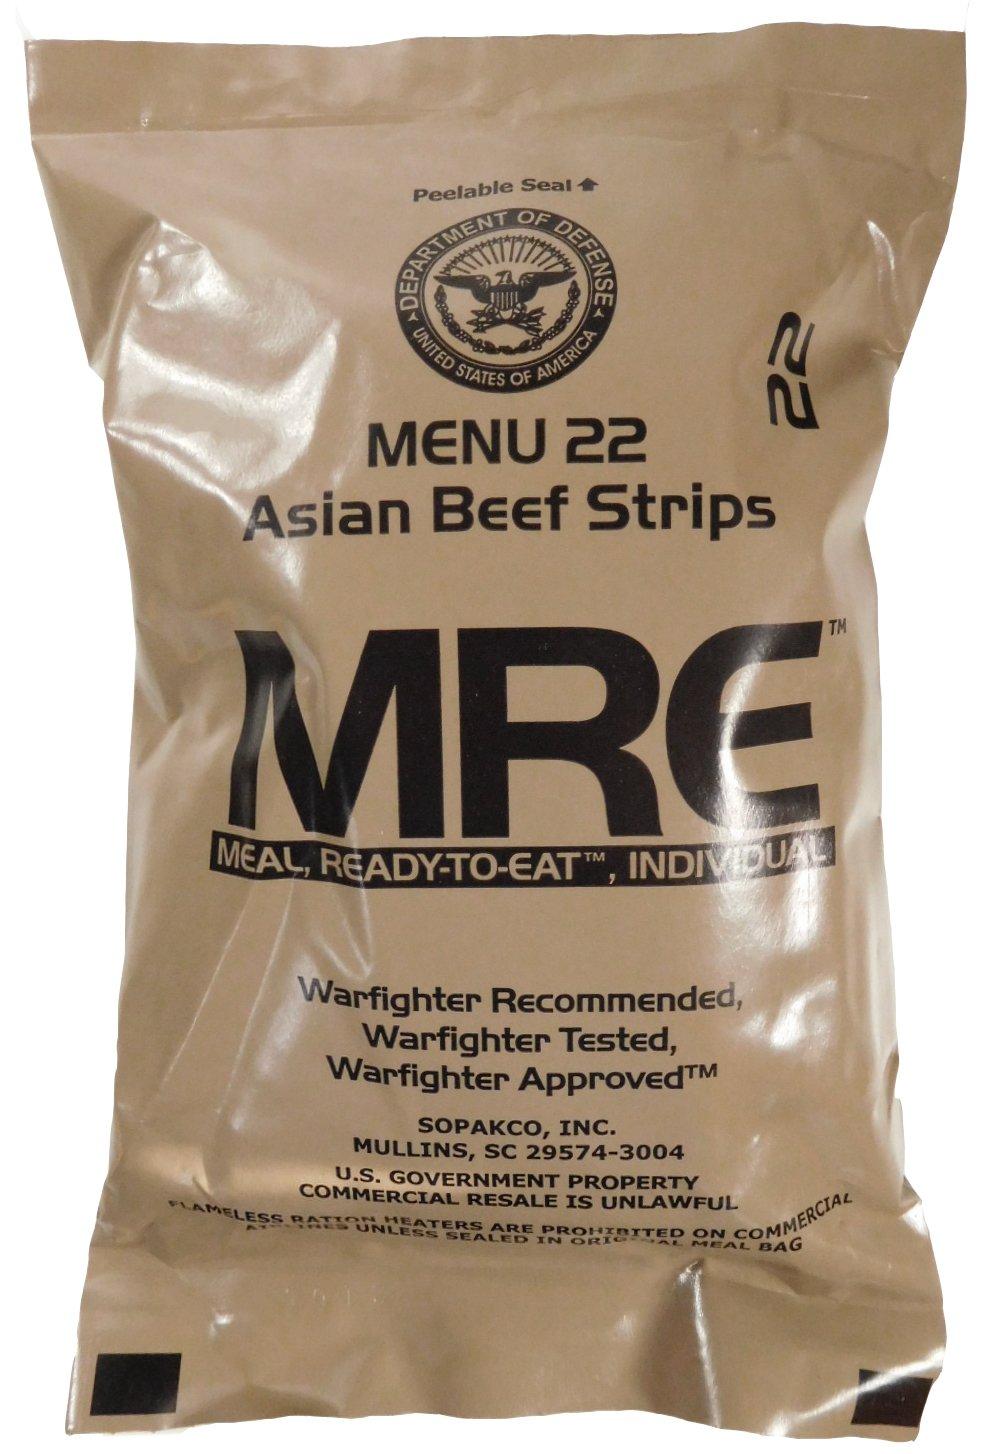 MRE (Meals Ready-to-Eat) – Racionamiento original de los combatientes de guerra de EE. UU.1 paquete de provisiones para militares de diferentes sabores de MRE.